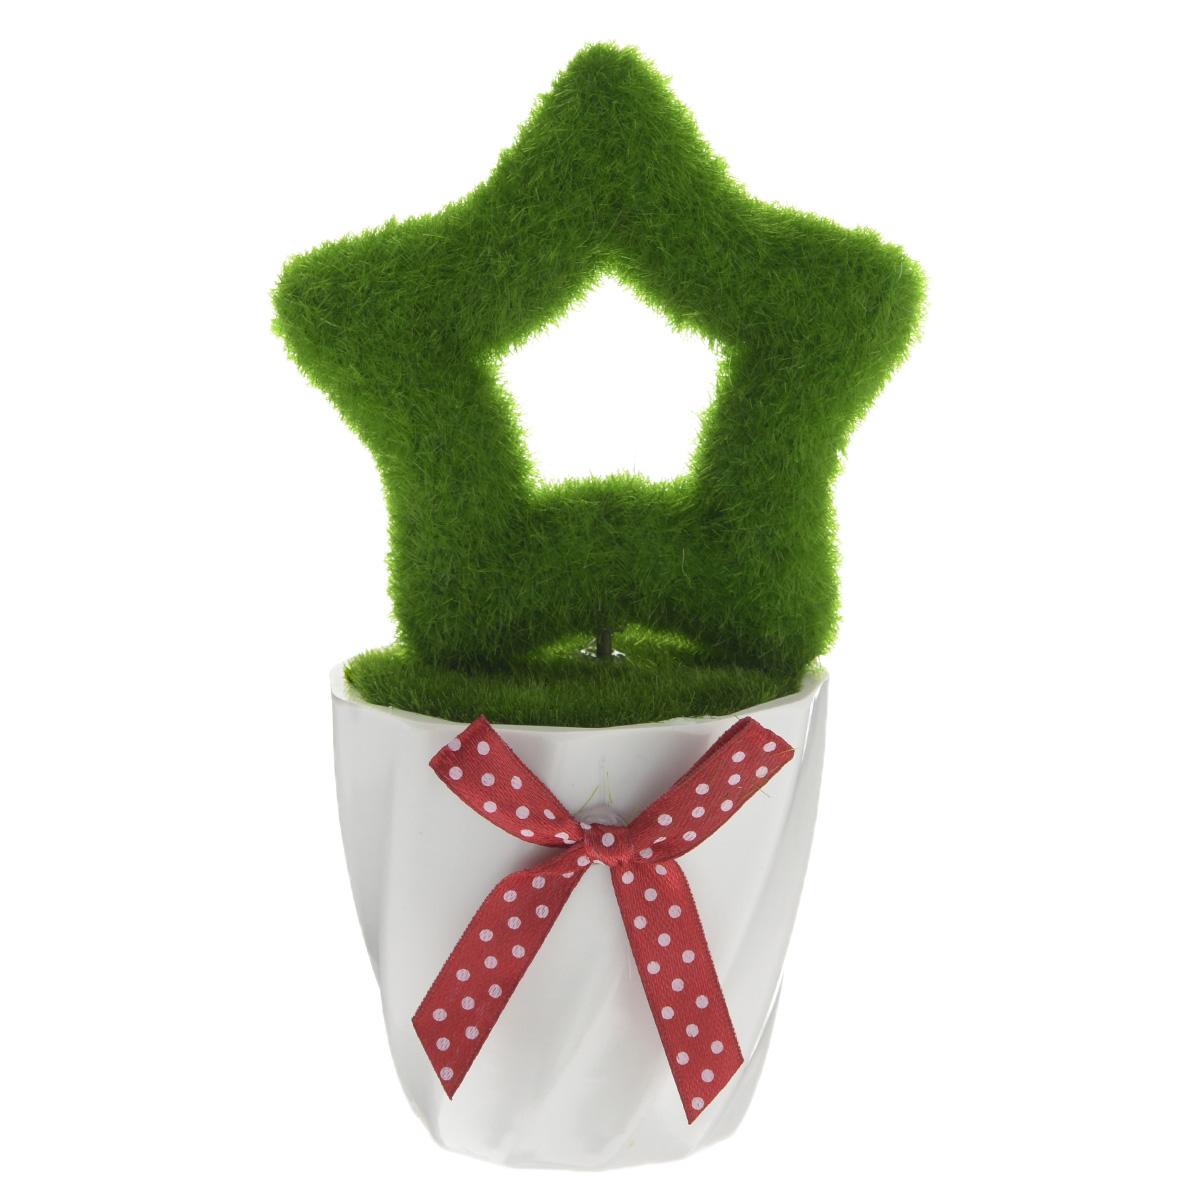 Декоративное украшение Феникс-презент Звезда, высота 15 см37560Декоративное украшение Феникс-презент Звезда, изготовленное из ПВХ и пенопласта дополнит интерьер любого помещения, а также может стать оригинальным подарком для ваших друзей и близких. Композиция выполнена в виде деревца с кроной в форме звезды. Деревце располагается в небольшом горшочке. Оформление помещения декоративным деревом создаст праздничную, по-настоящему радостную и теплую атмосферу в доме.Размер кроны дерева: 8 см х 8 см х 2 см.